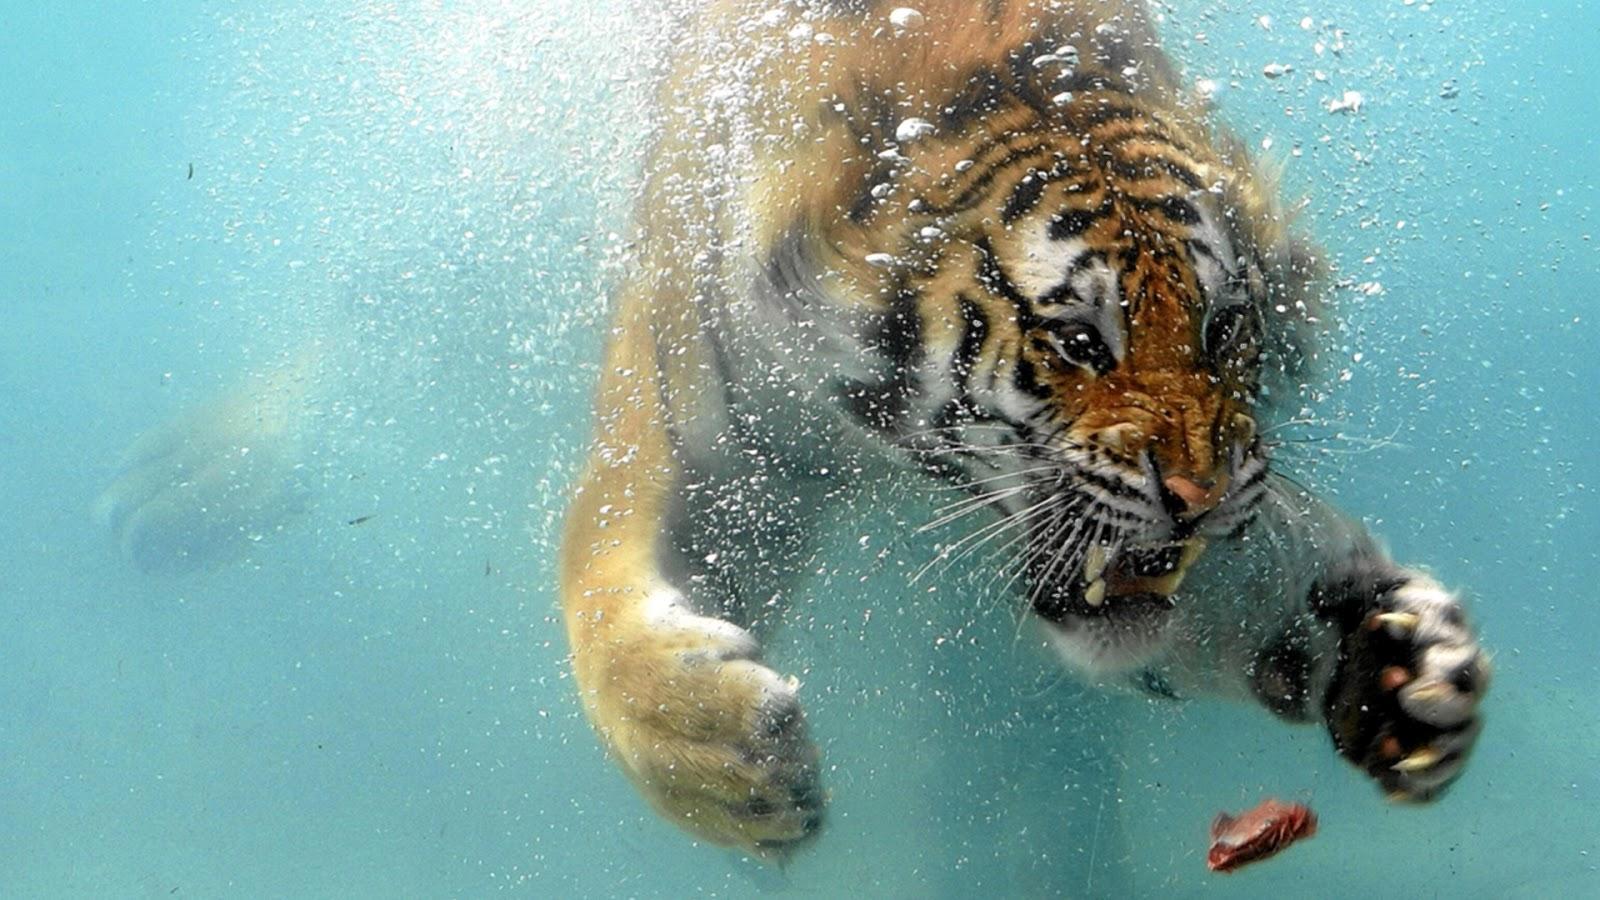 Download Wallpaper HD white tigerbeautiful tigerhd tiger 1600x900